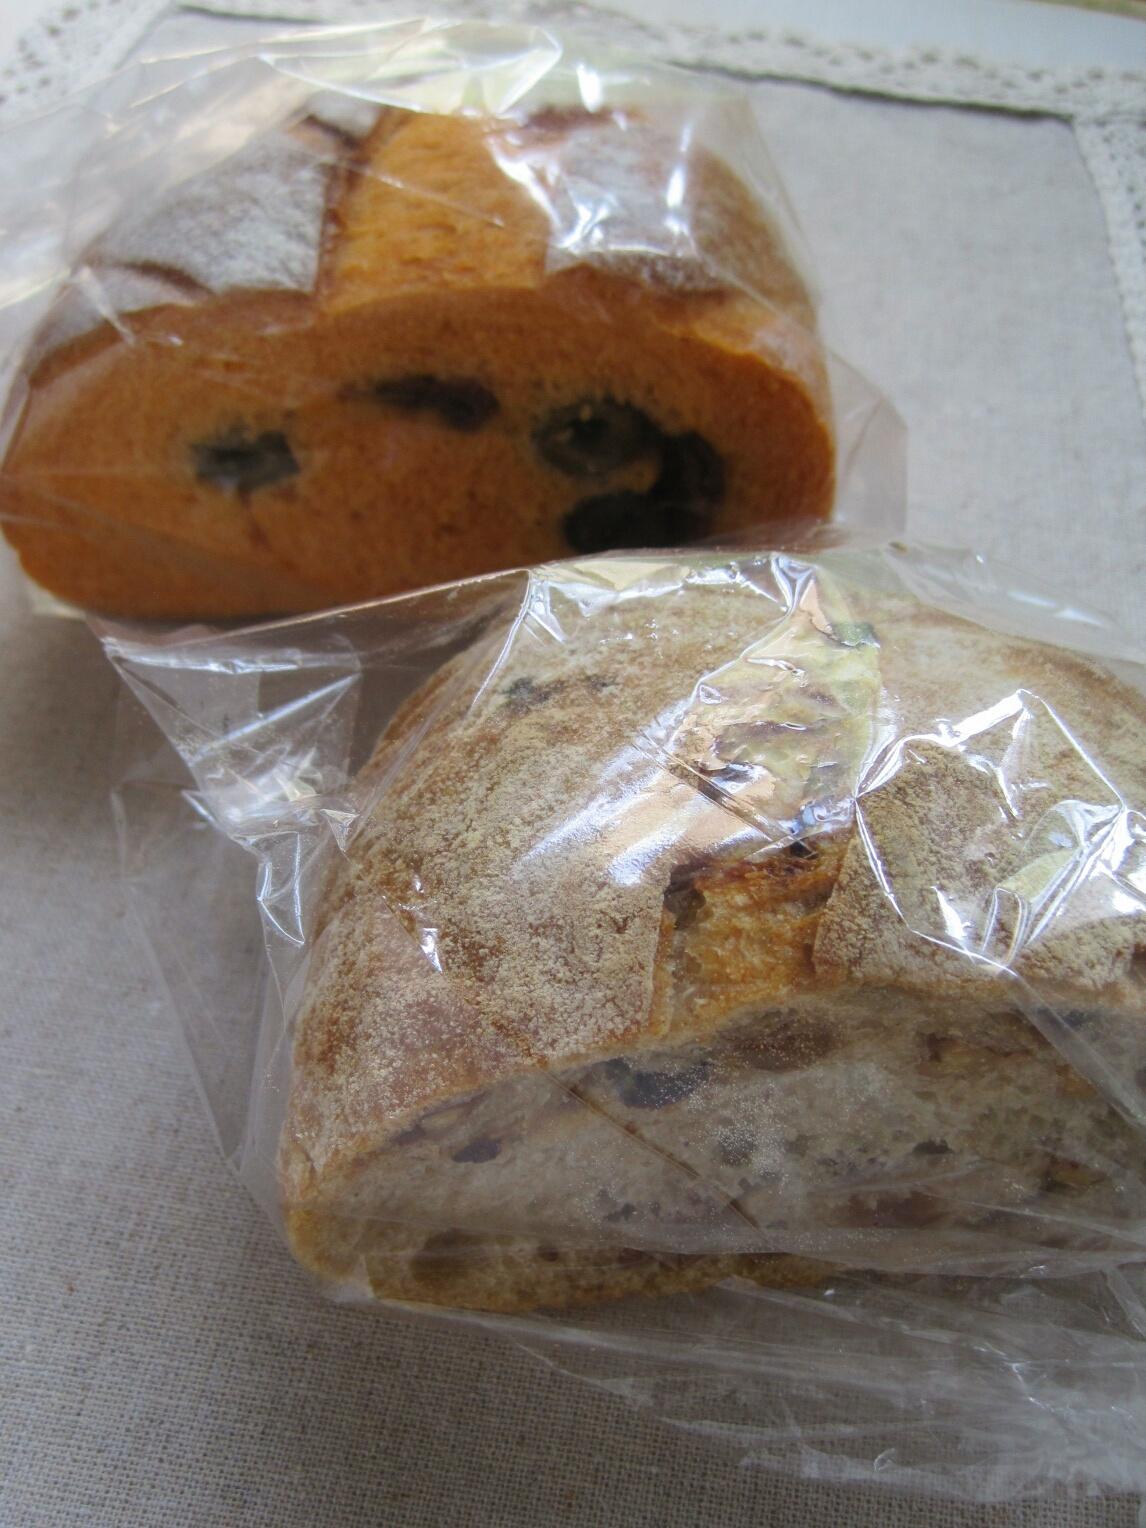 お野菜たっぷり☆六花のサンドイッチ&フレンチトースト@北軽<閉店>_f0236260_13552236.jpg